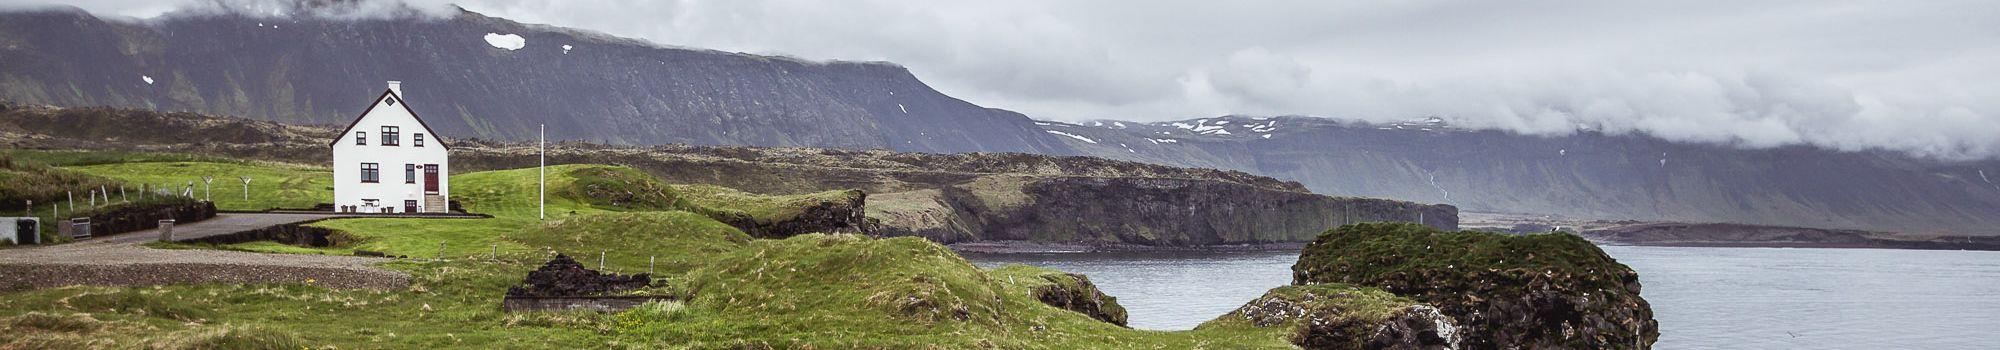 Snaefellsnes-Iceland-tour